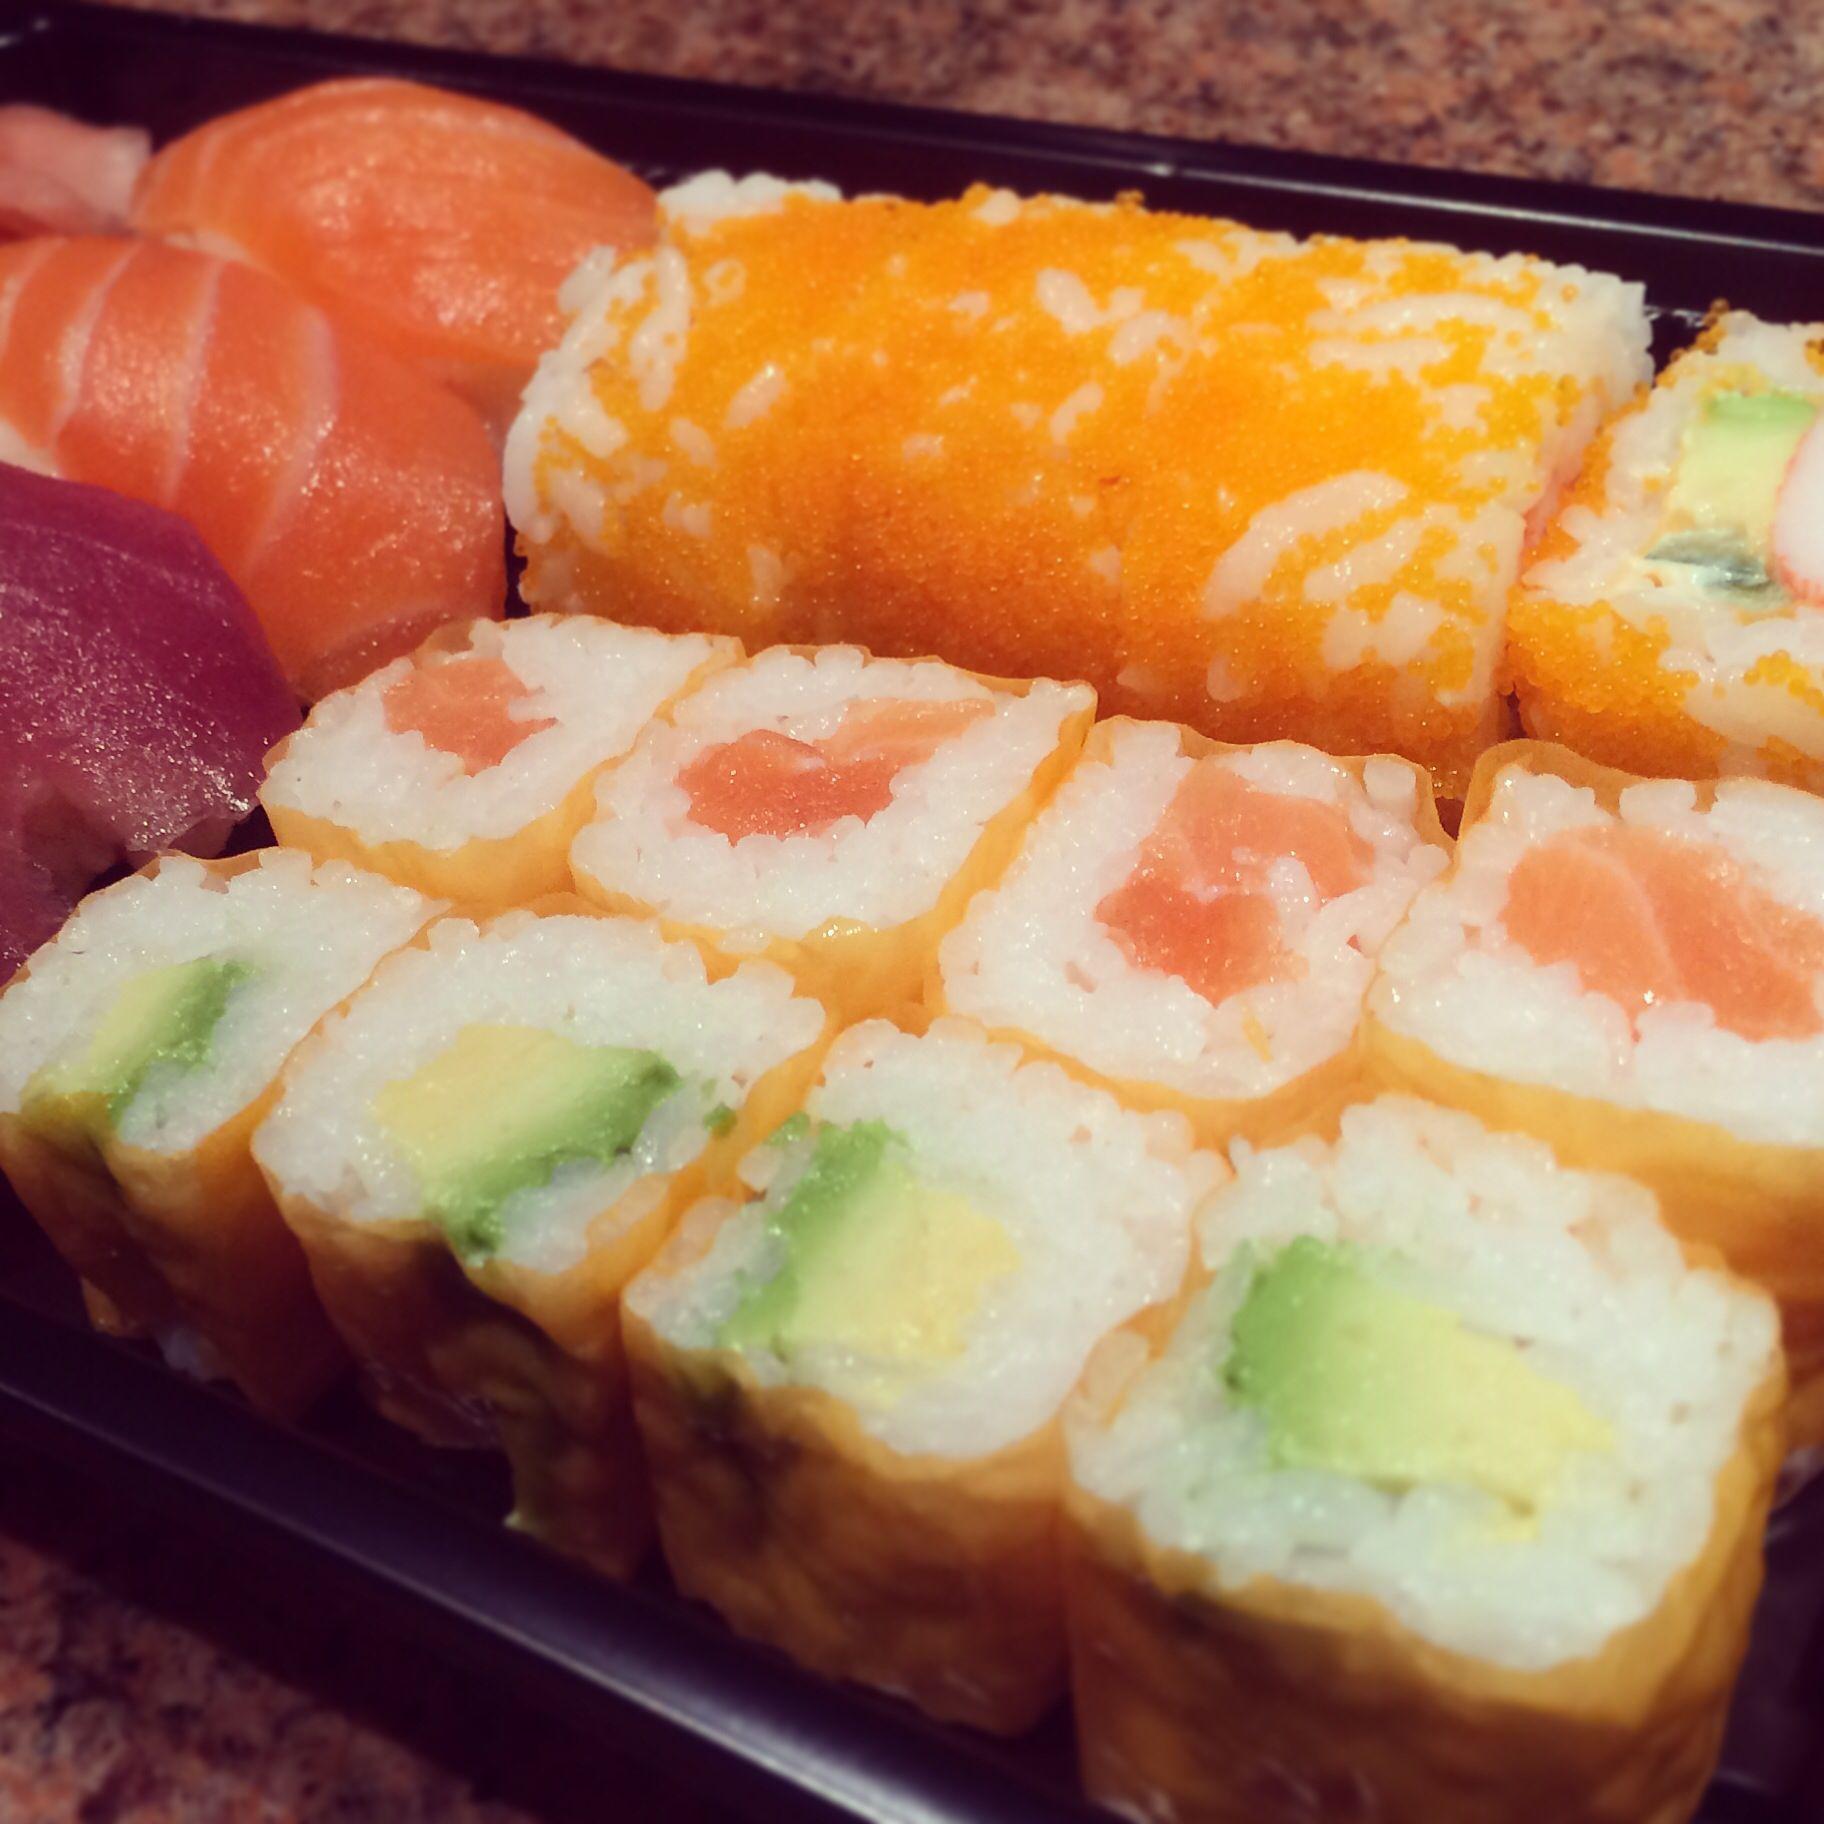 Orange Sushi Take Away Box; World Cup Brasil 2014